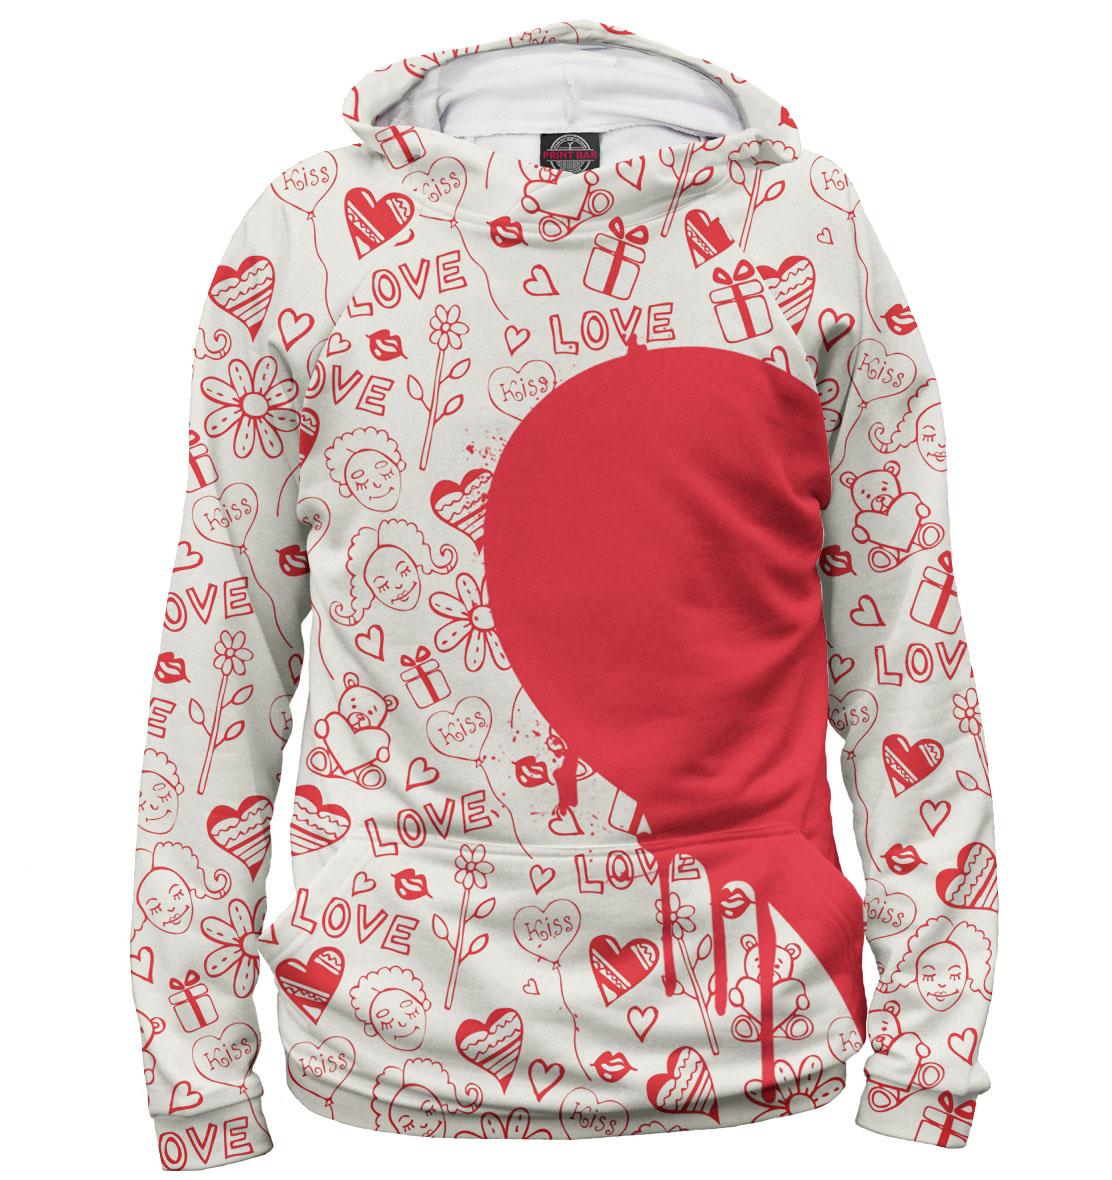 Купить Половинки сердца, Printbar, Худи, 14F-872918-hud-2